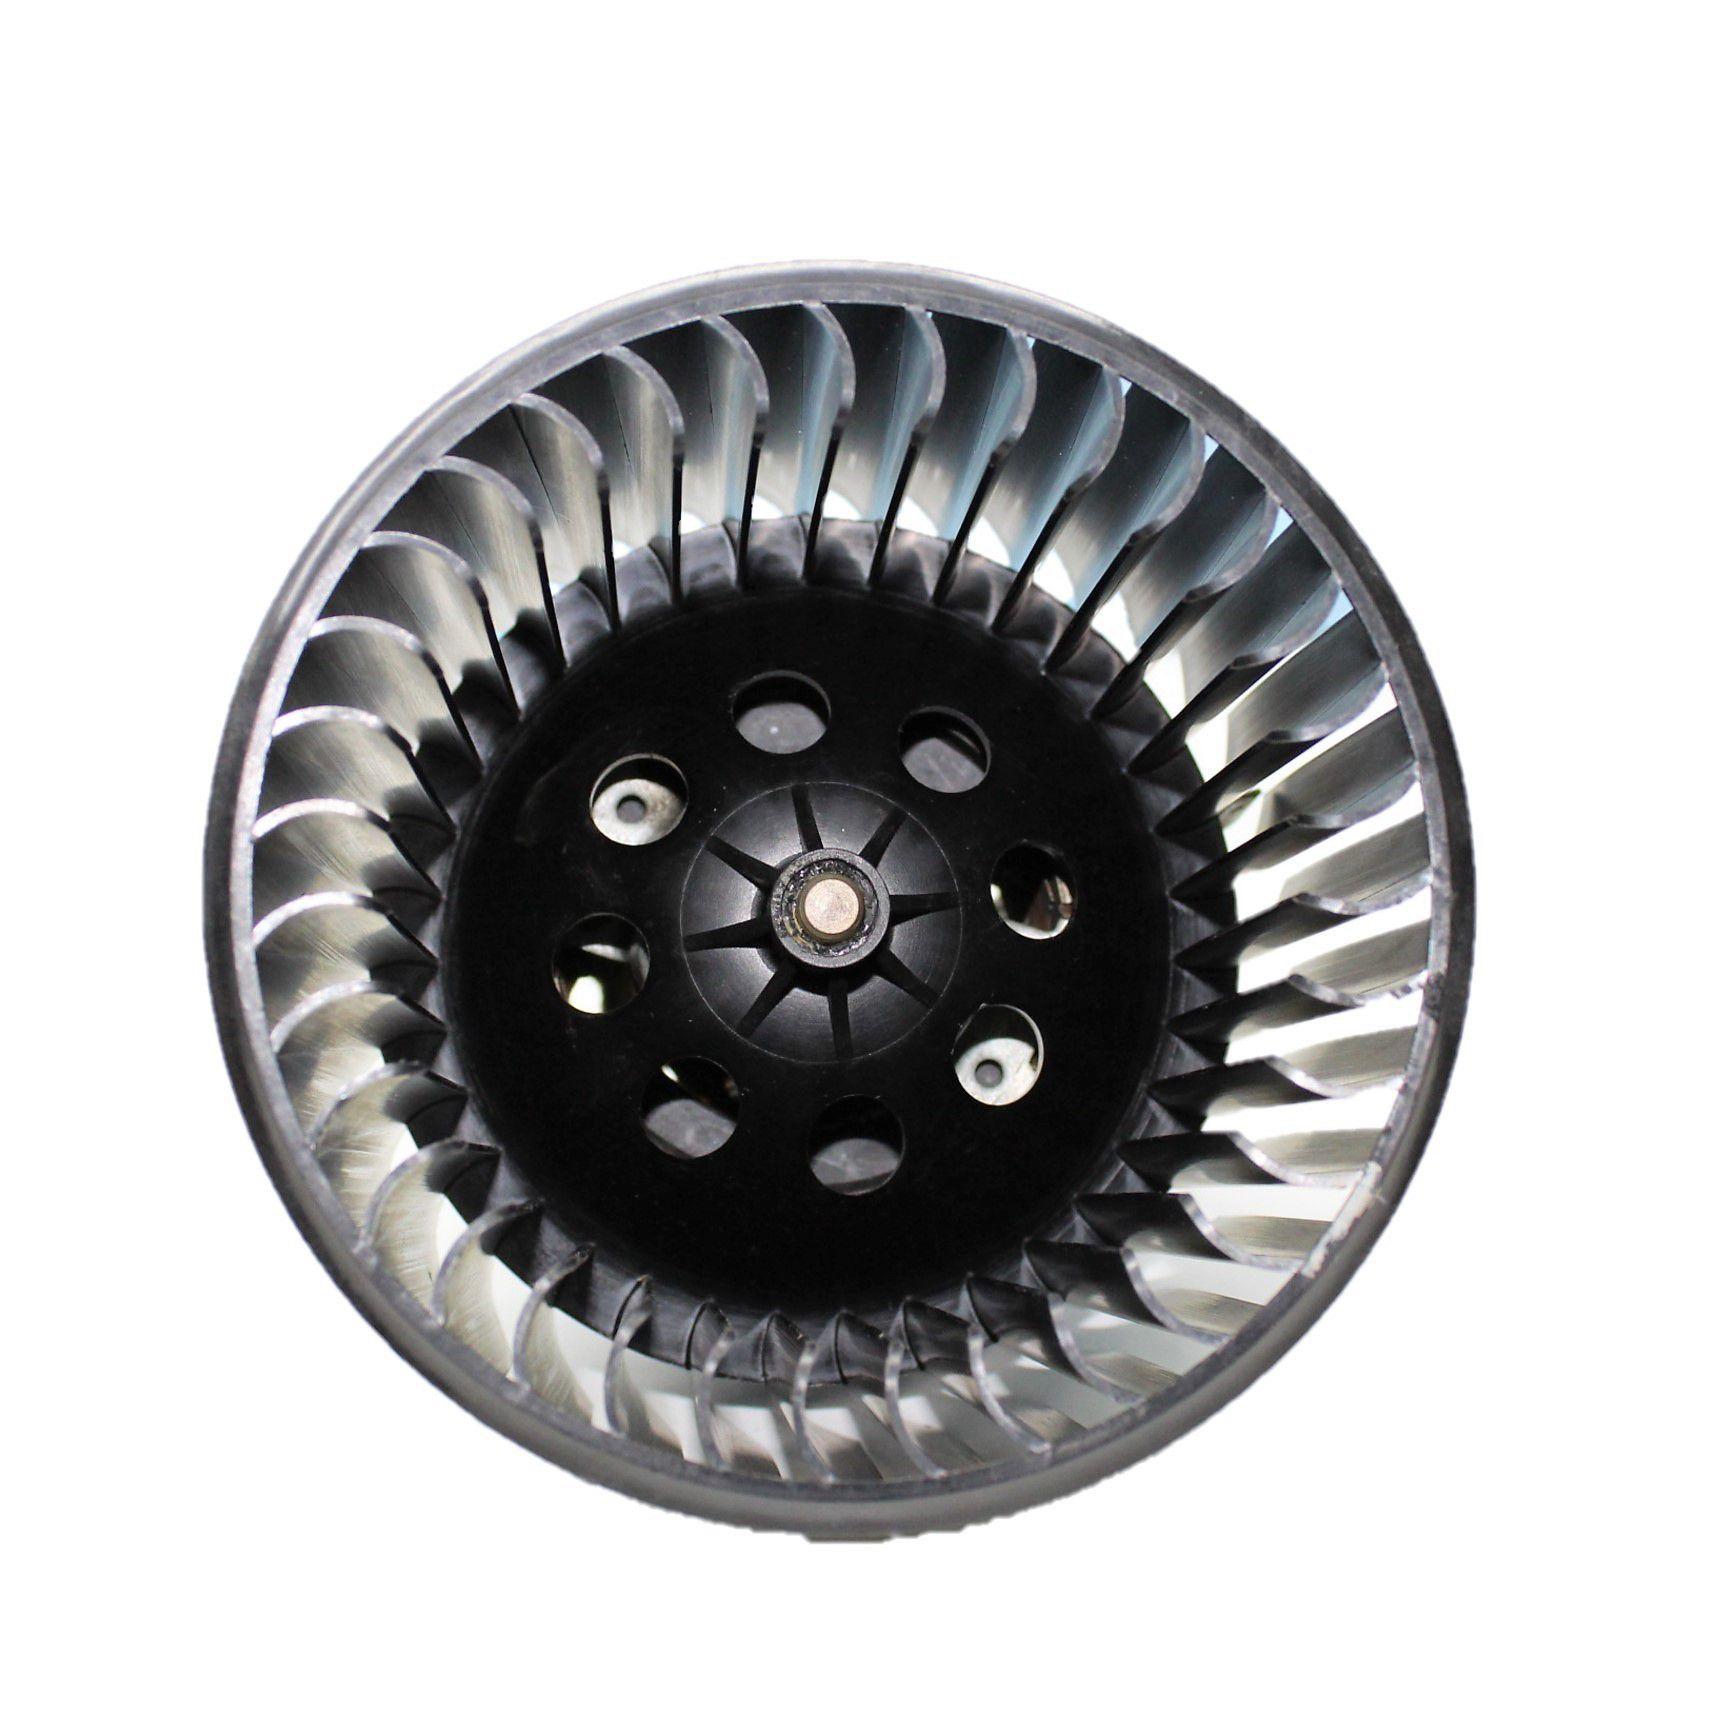 Motor Ventilador Interno Ar condicionado Palio 96...00